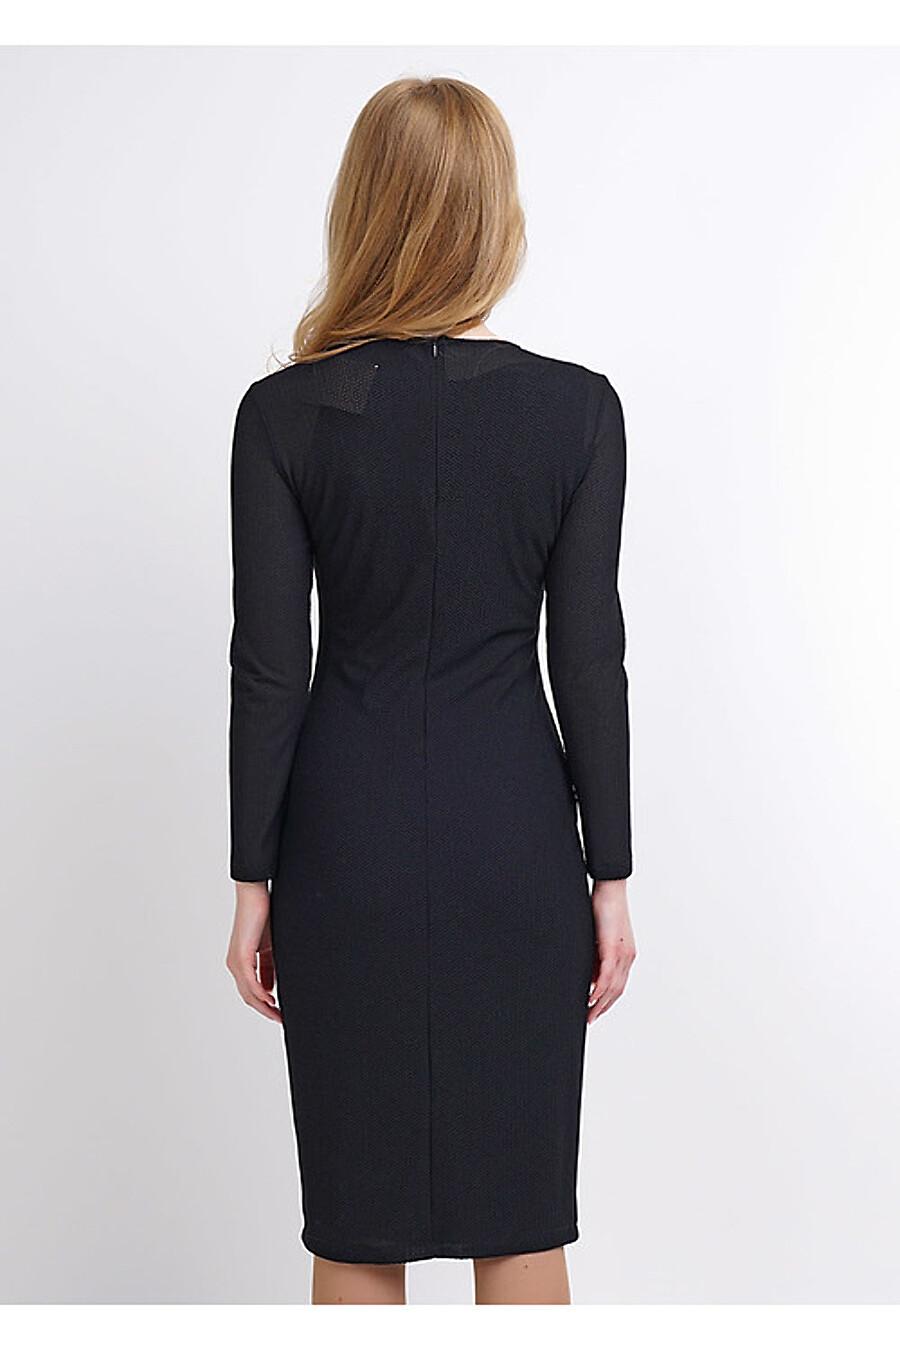 Платье для женщин CLEVER 158793 купить оптом от производителя. Совместная покупка женской одежды в OptMoyo